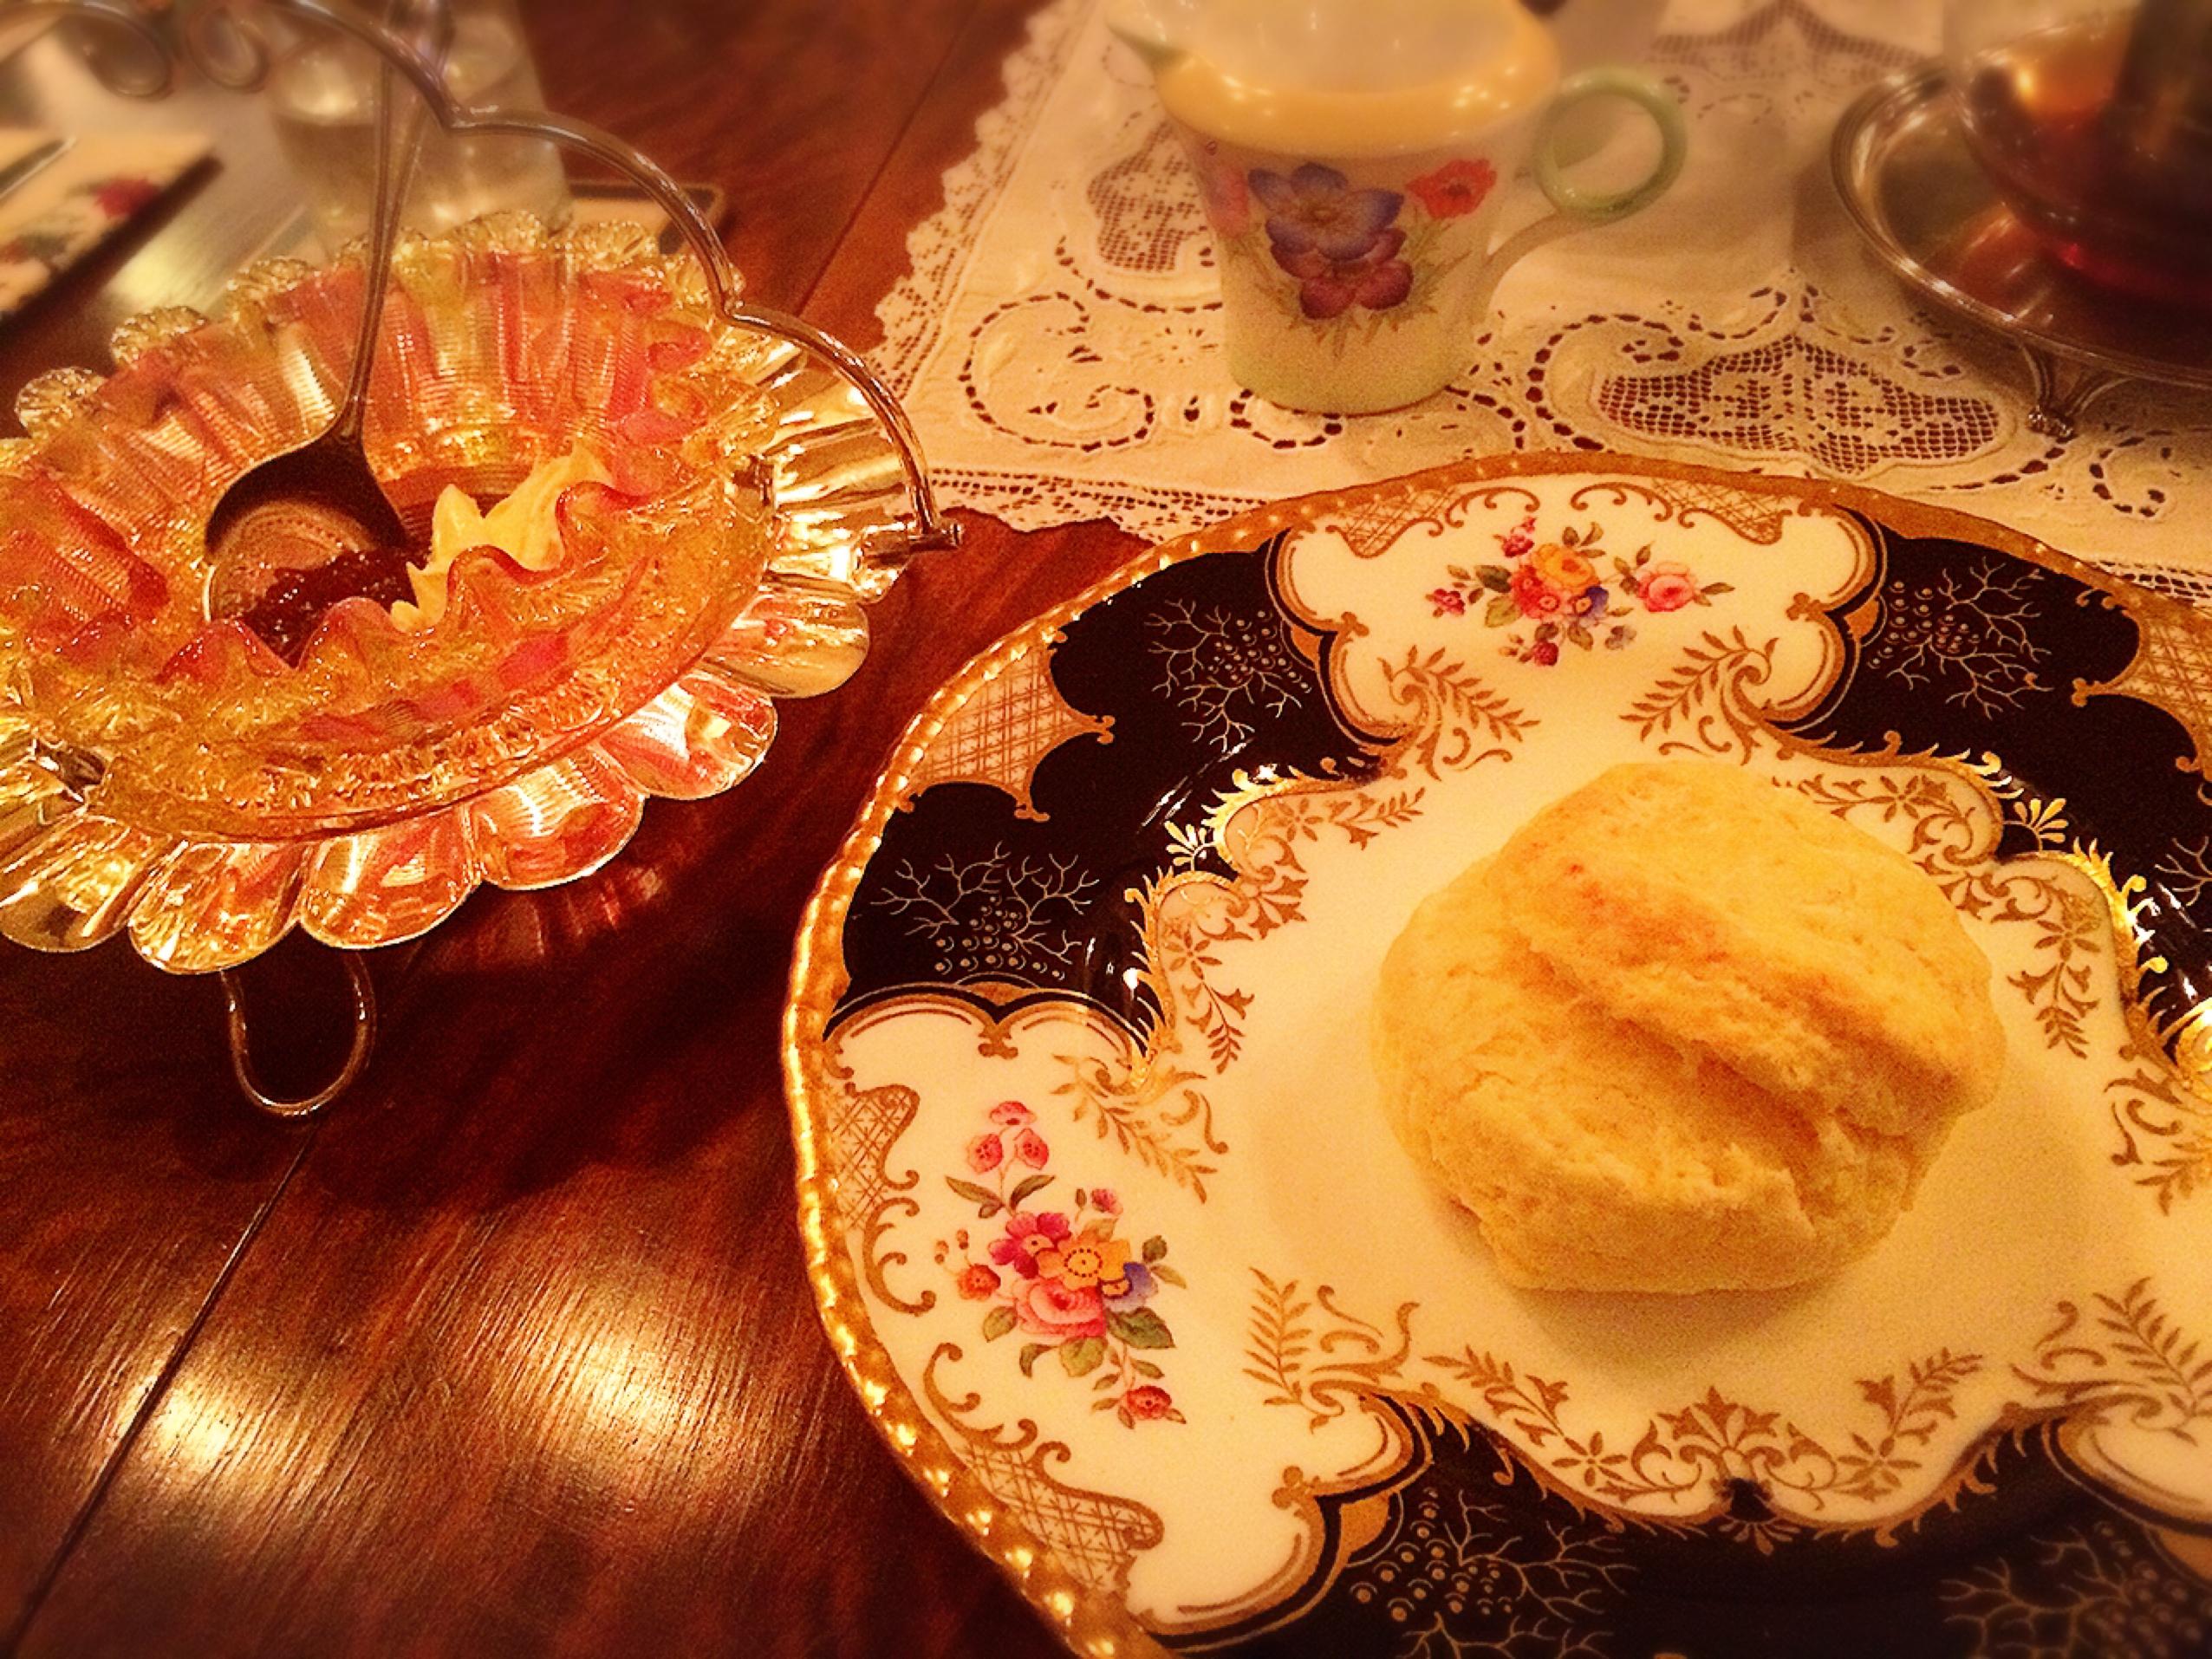 """松山・鷹ノ子駅近く!非日常空間のイギリス家具店にある紅茶専門店 「アンティークリッチモンド」で""""クリスマスティー""""をいただいてきたよ!"""